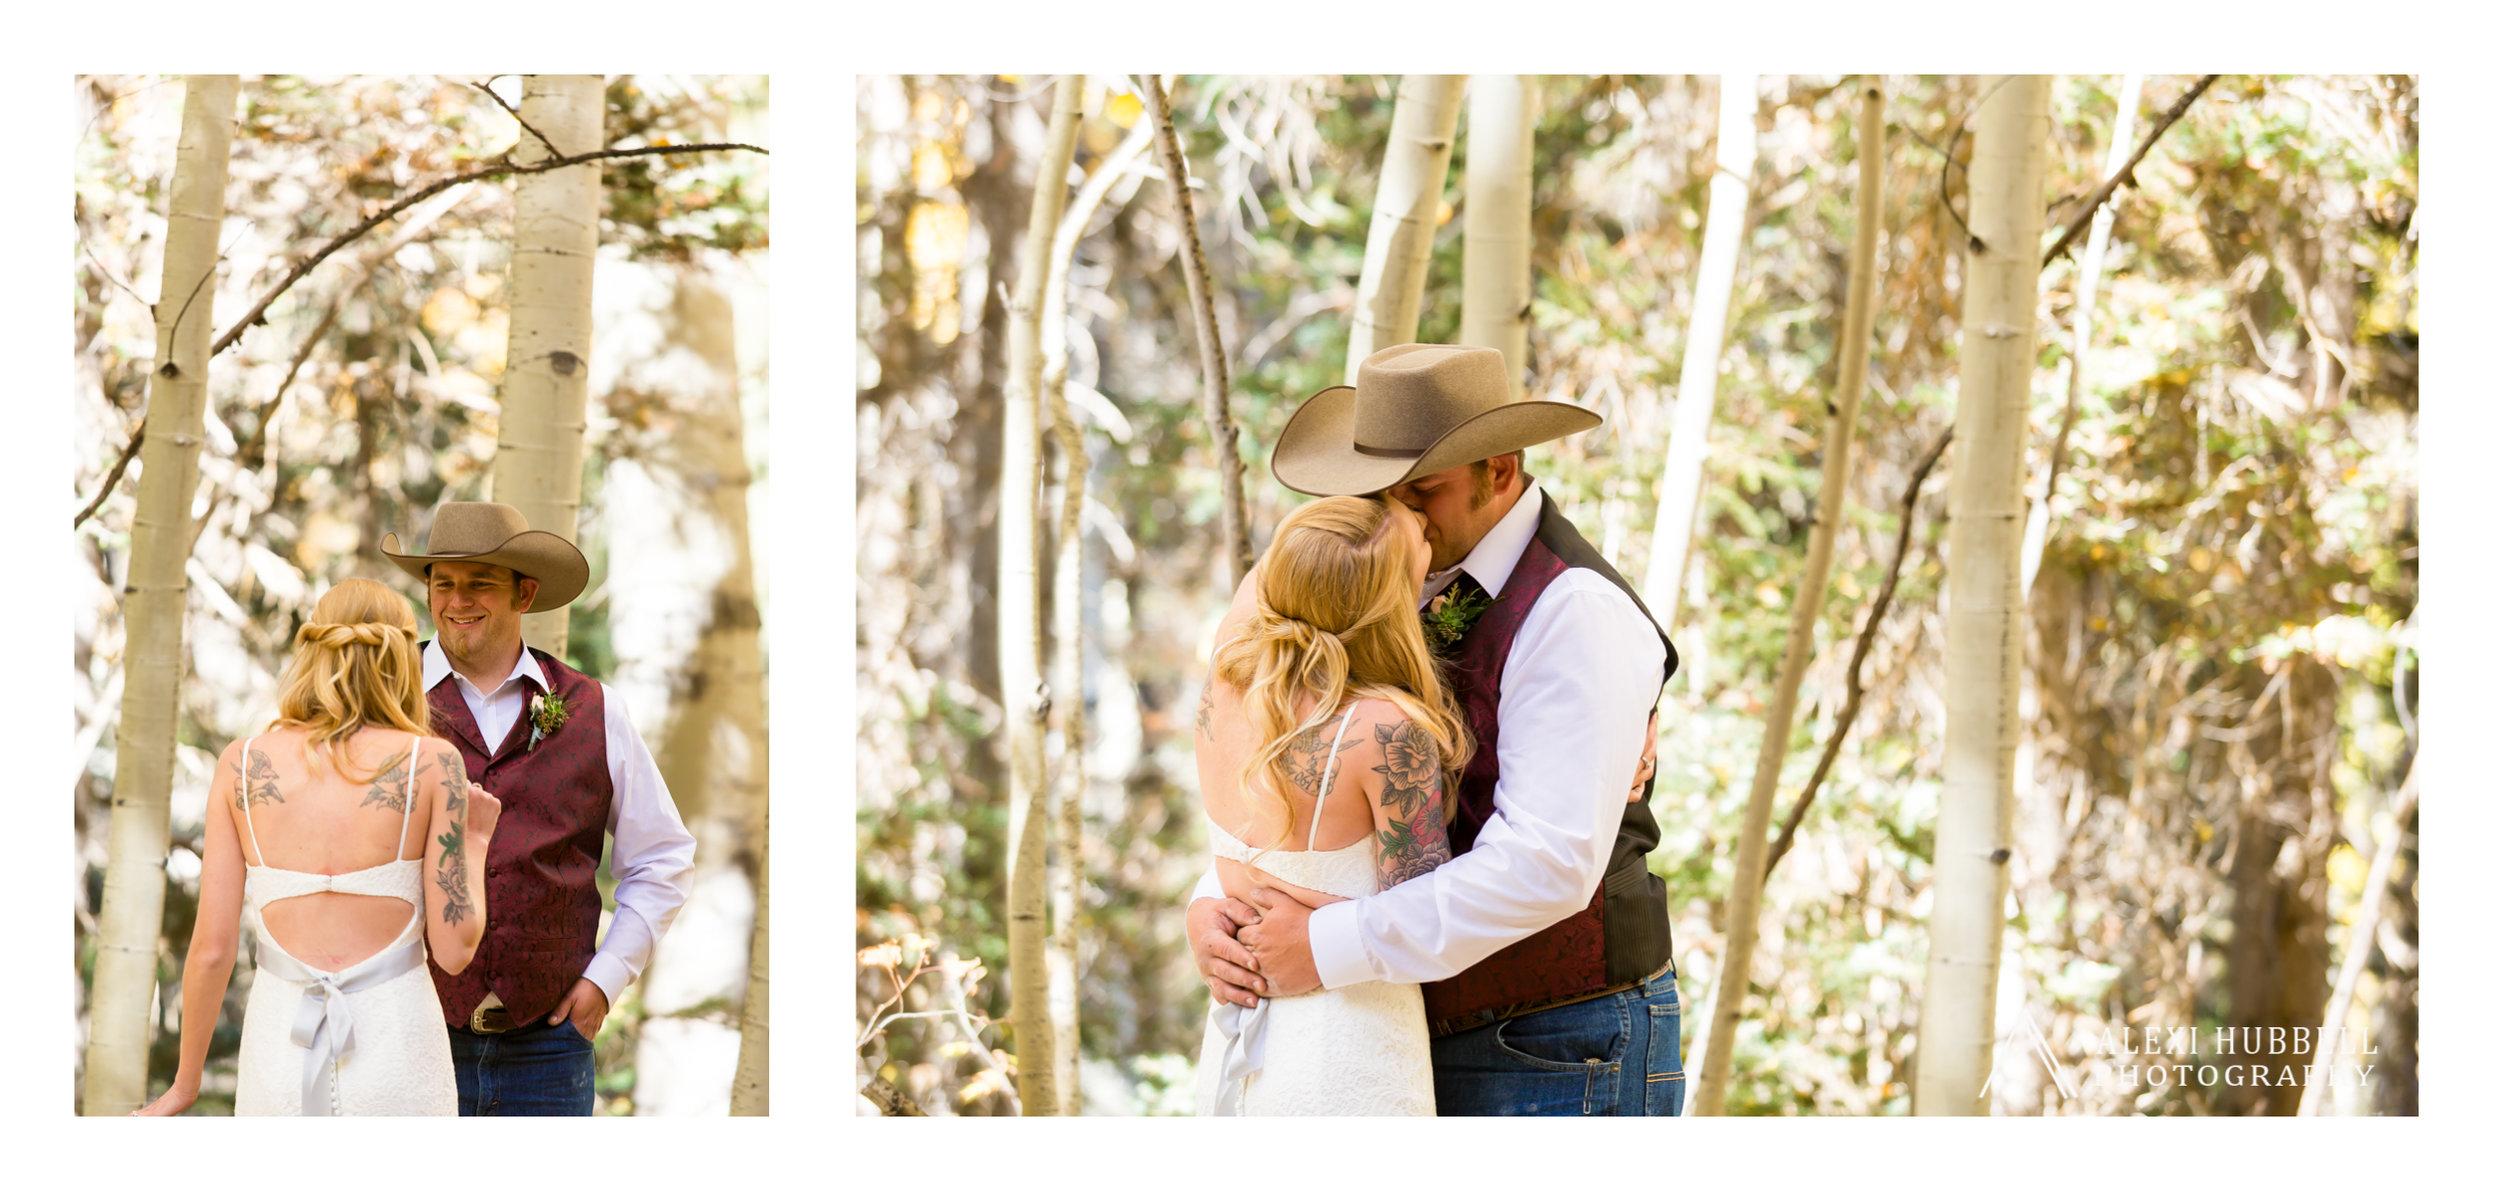 Mancos COLORADO wedding echo basin ranch